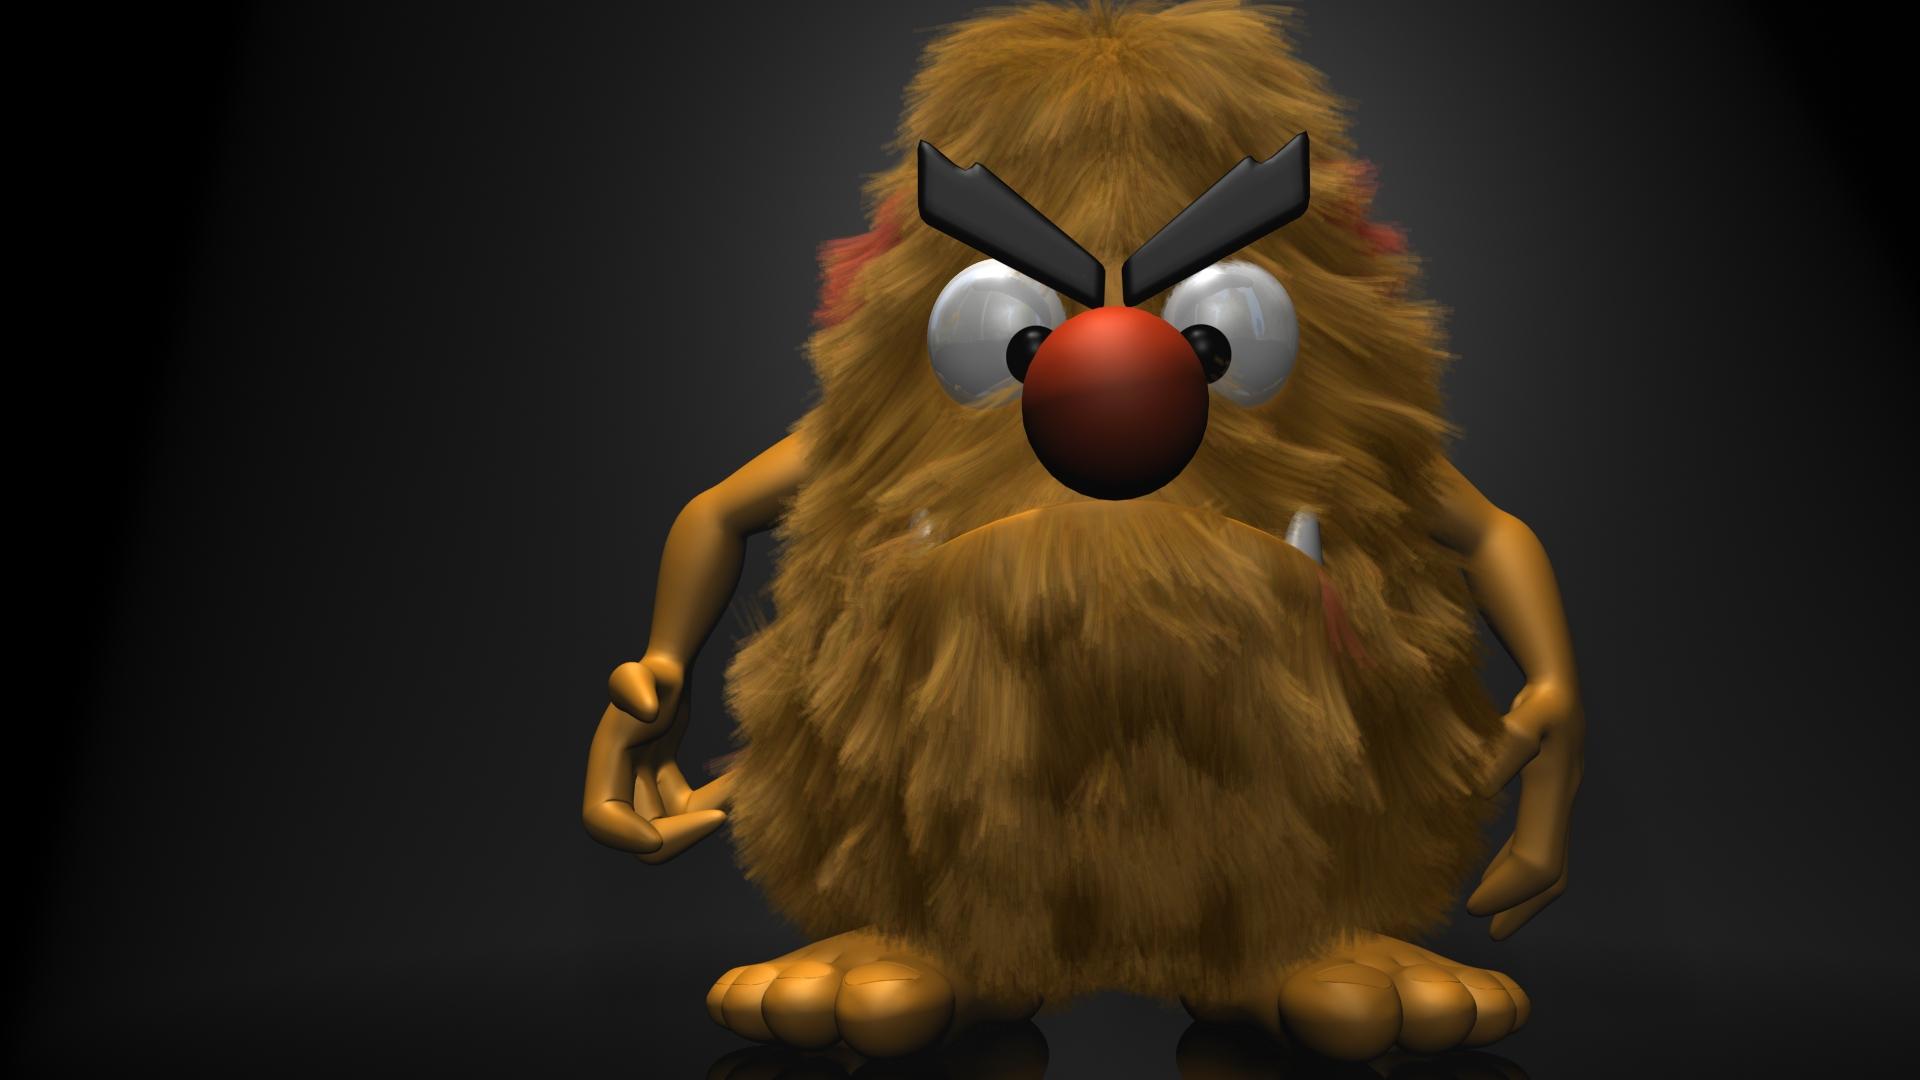 Hairy Monster HD Wallpaper